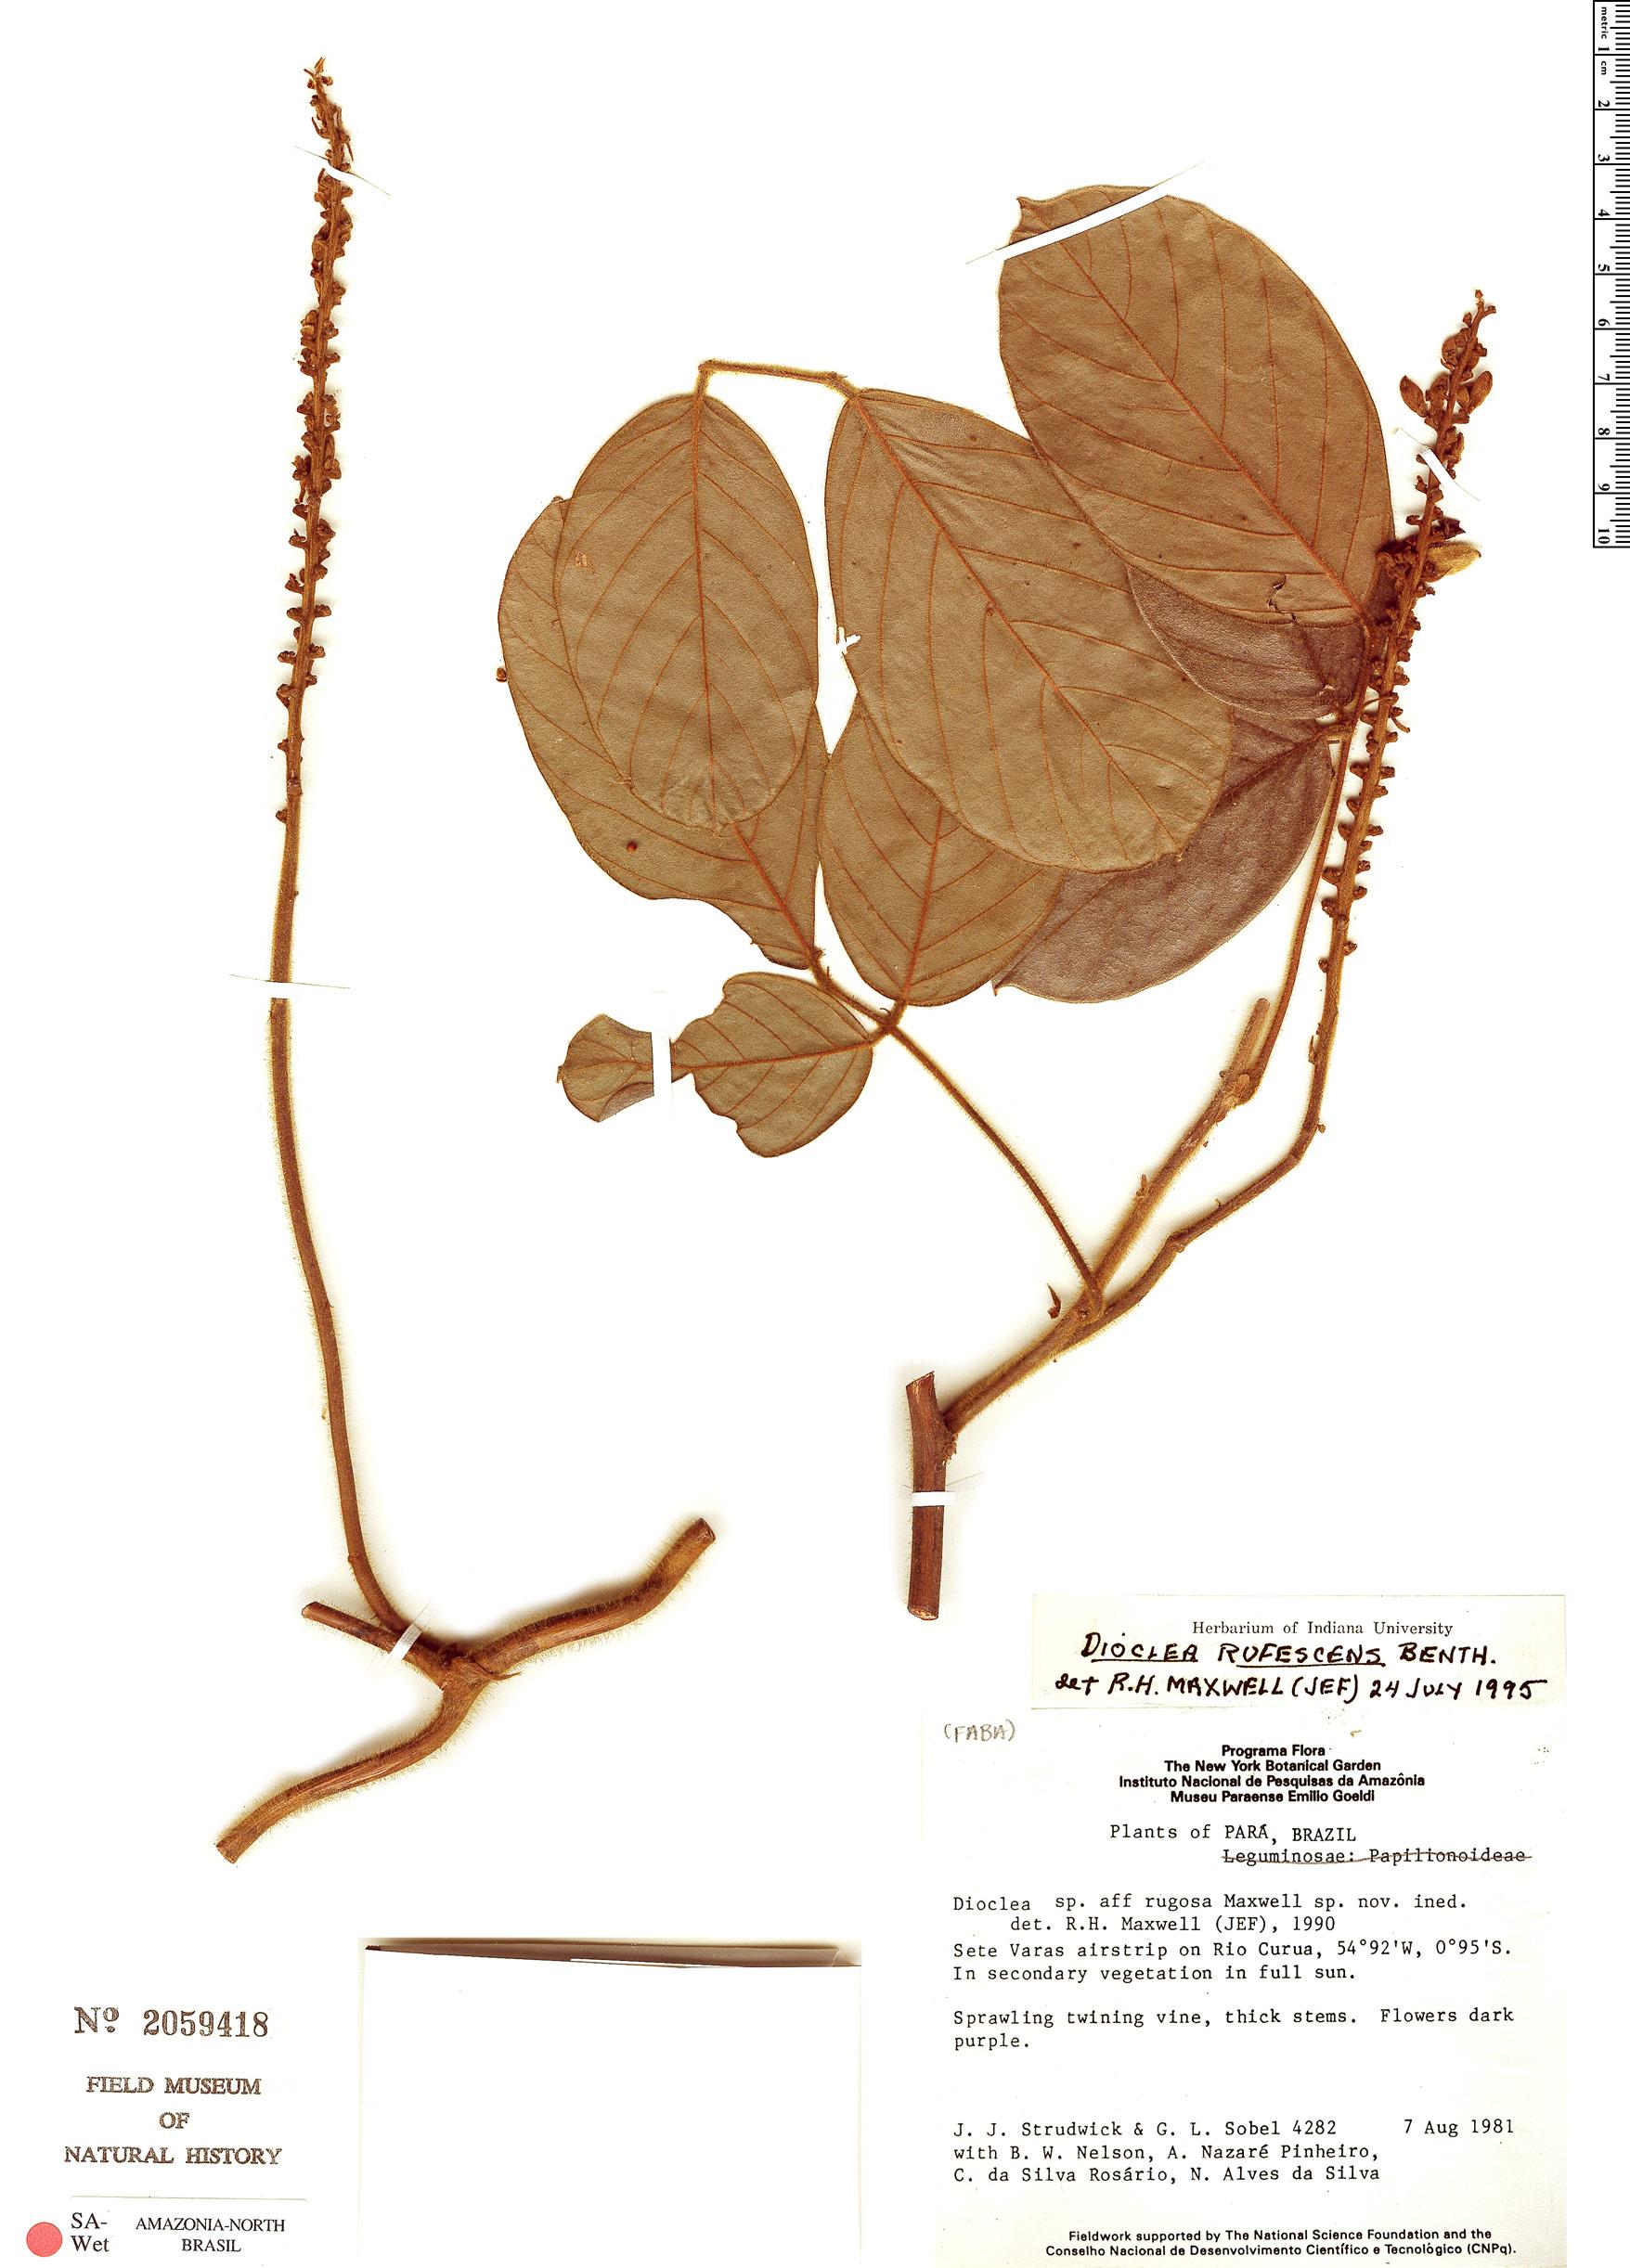 Specimen: Dioclea rufescens